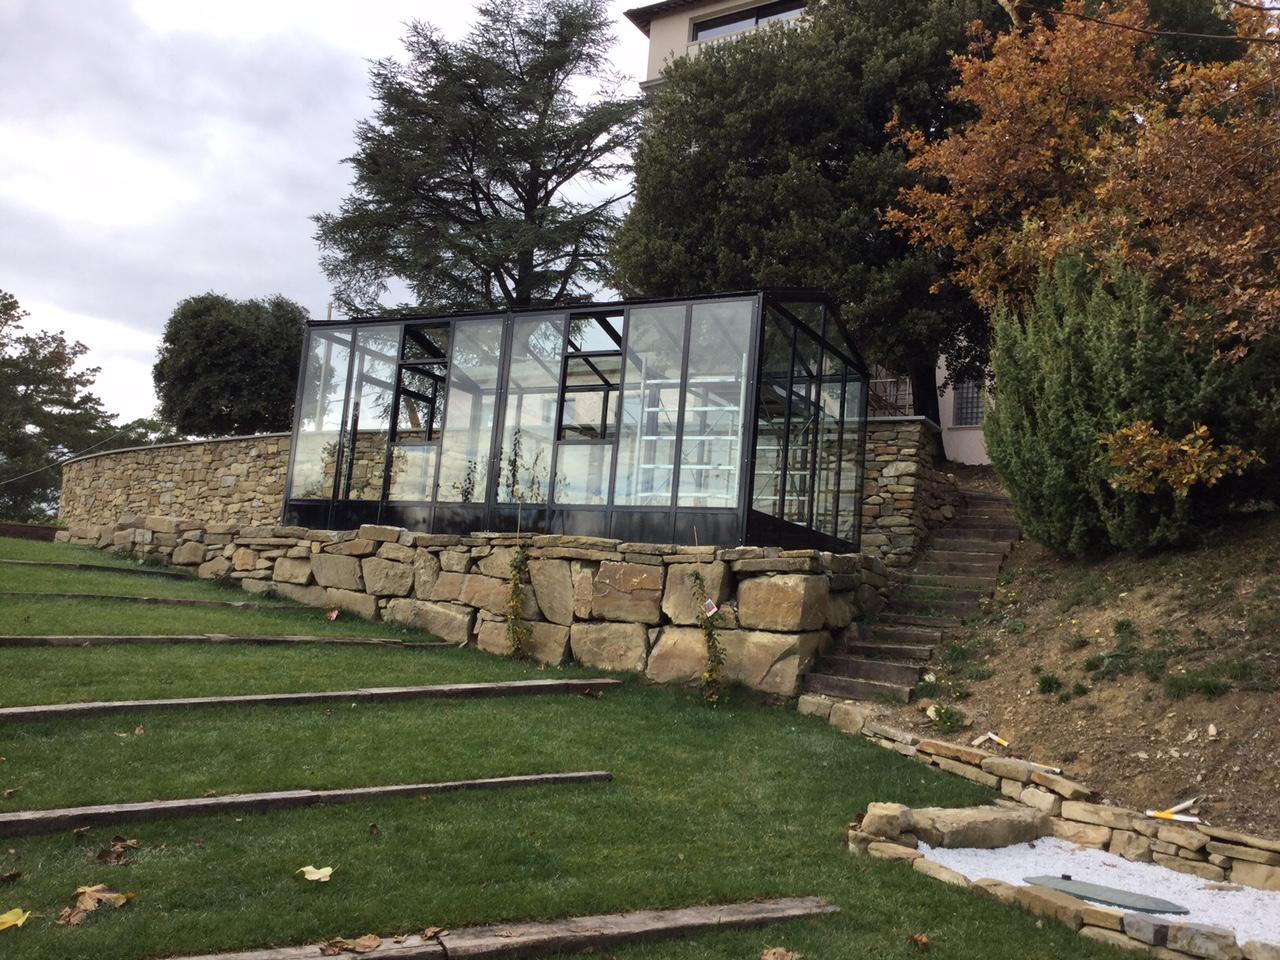 I nostri lavori: Giardino dInverno e Serra - Sopra il Muro